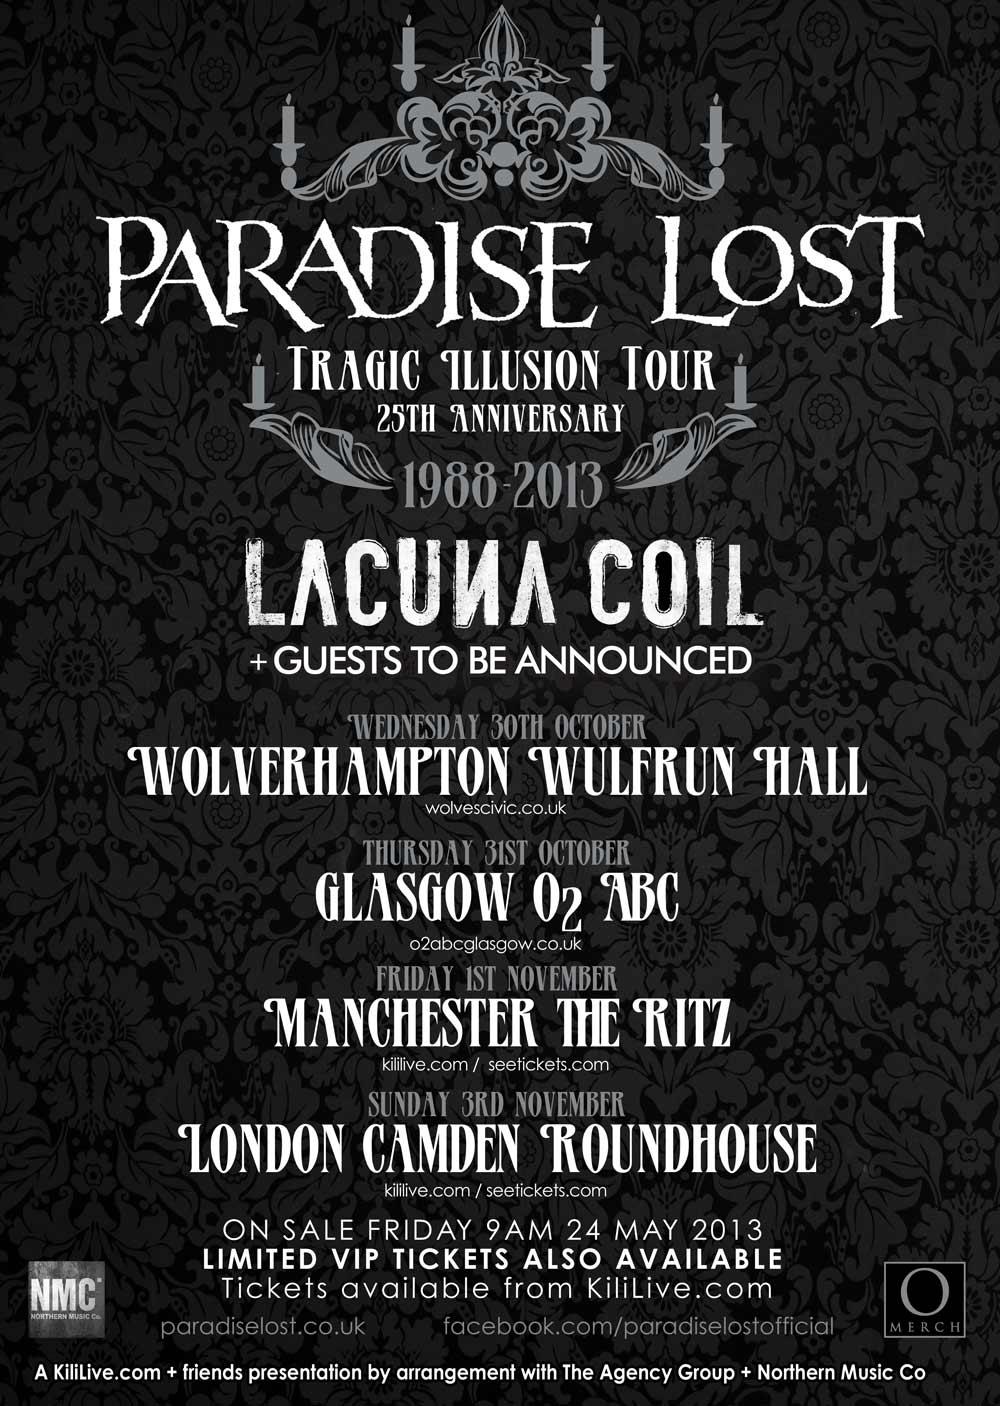 compare paradise lost and macbeth Metal blade réédite « paradise lost », le quatrième album de cirith ungol ce dernier n'était pas paru depuis sa sortie initiale en 1991, il sortira le 7.